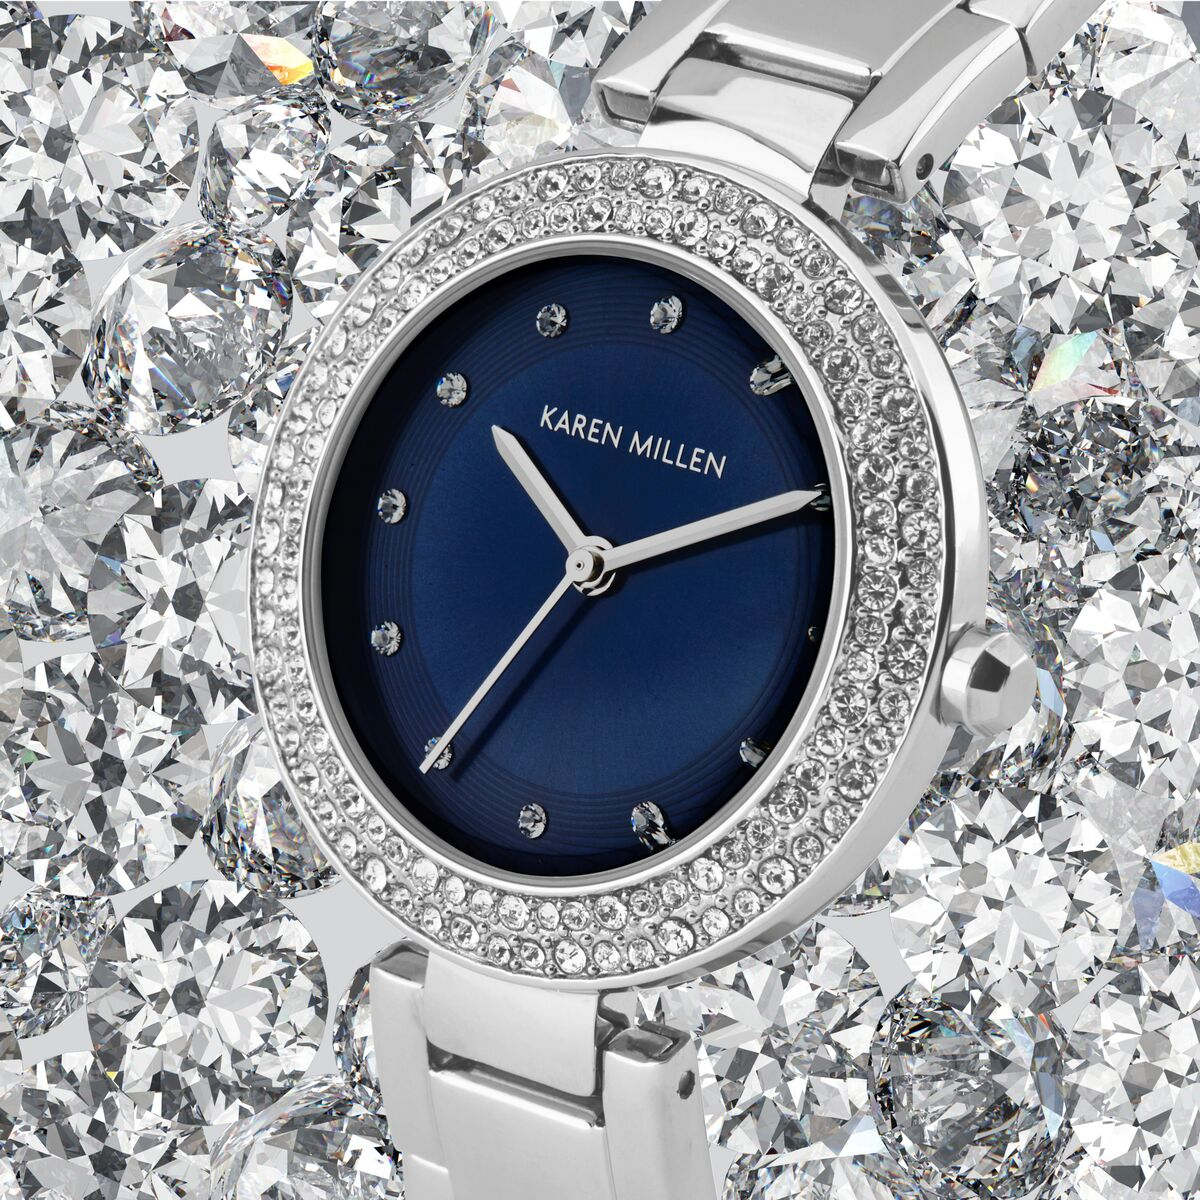 Close-up Silver Karen Millen Wrist Watch Product Photography